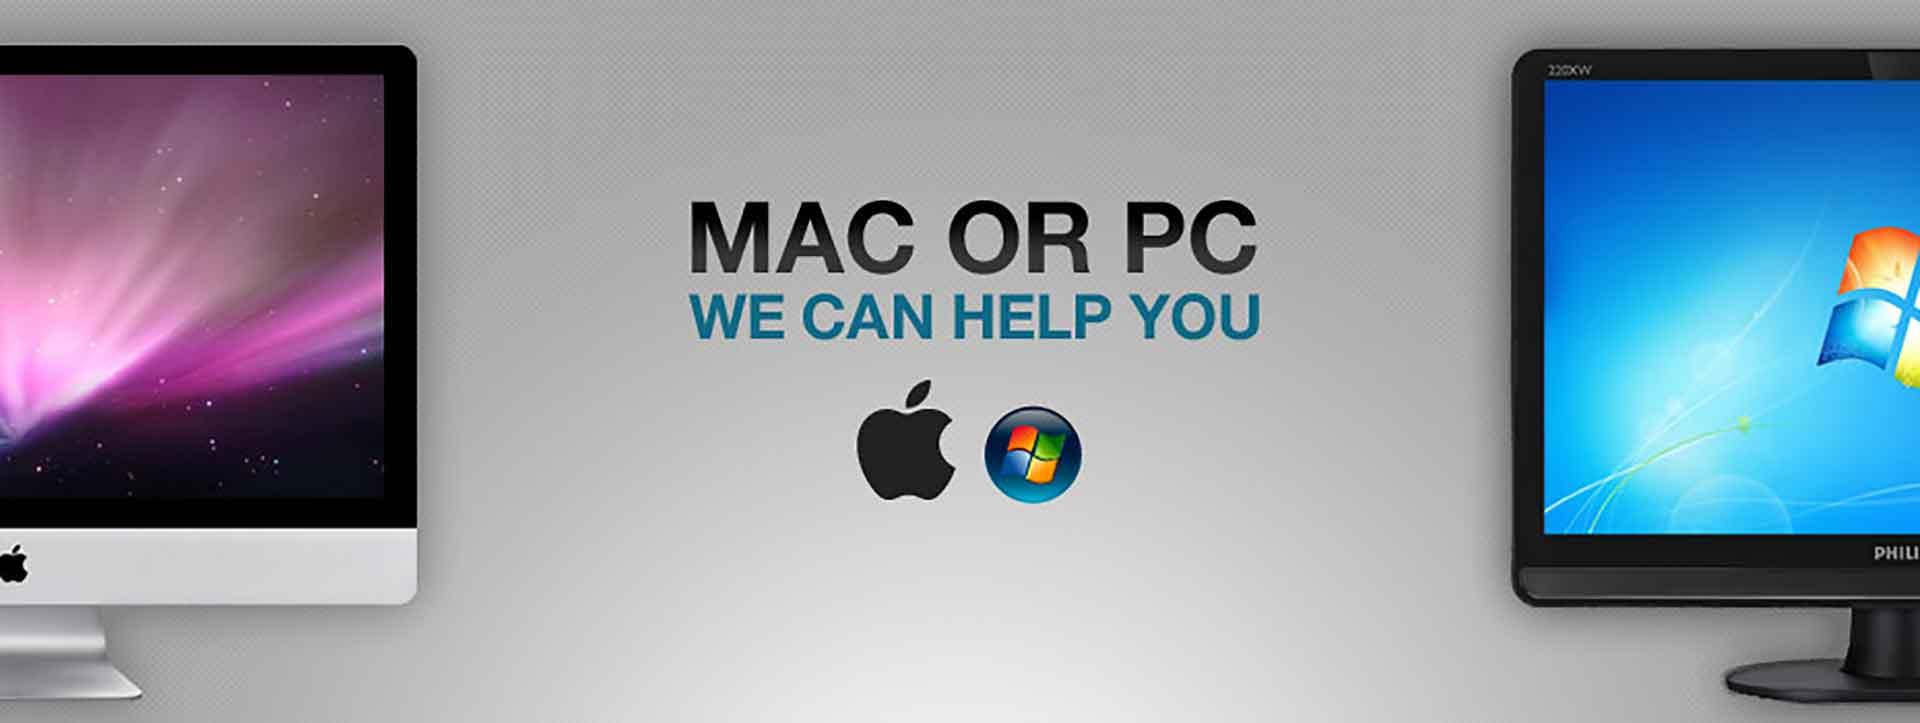 MAC repair service